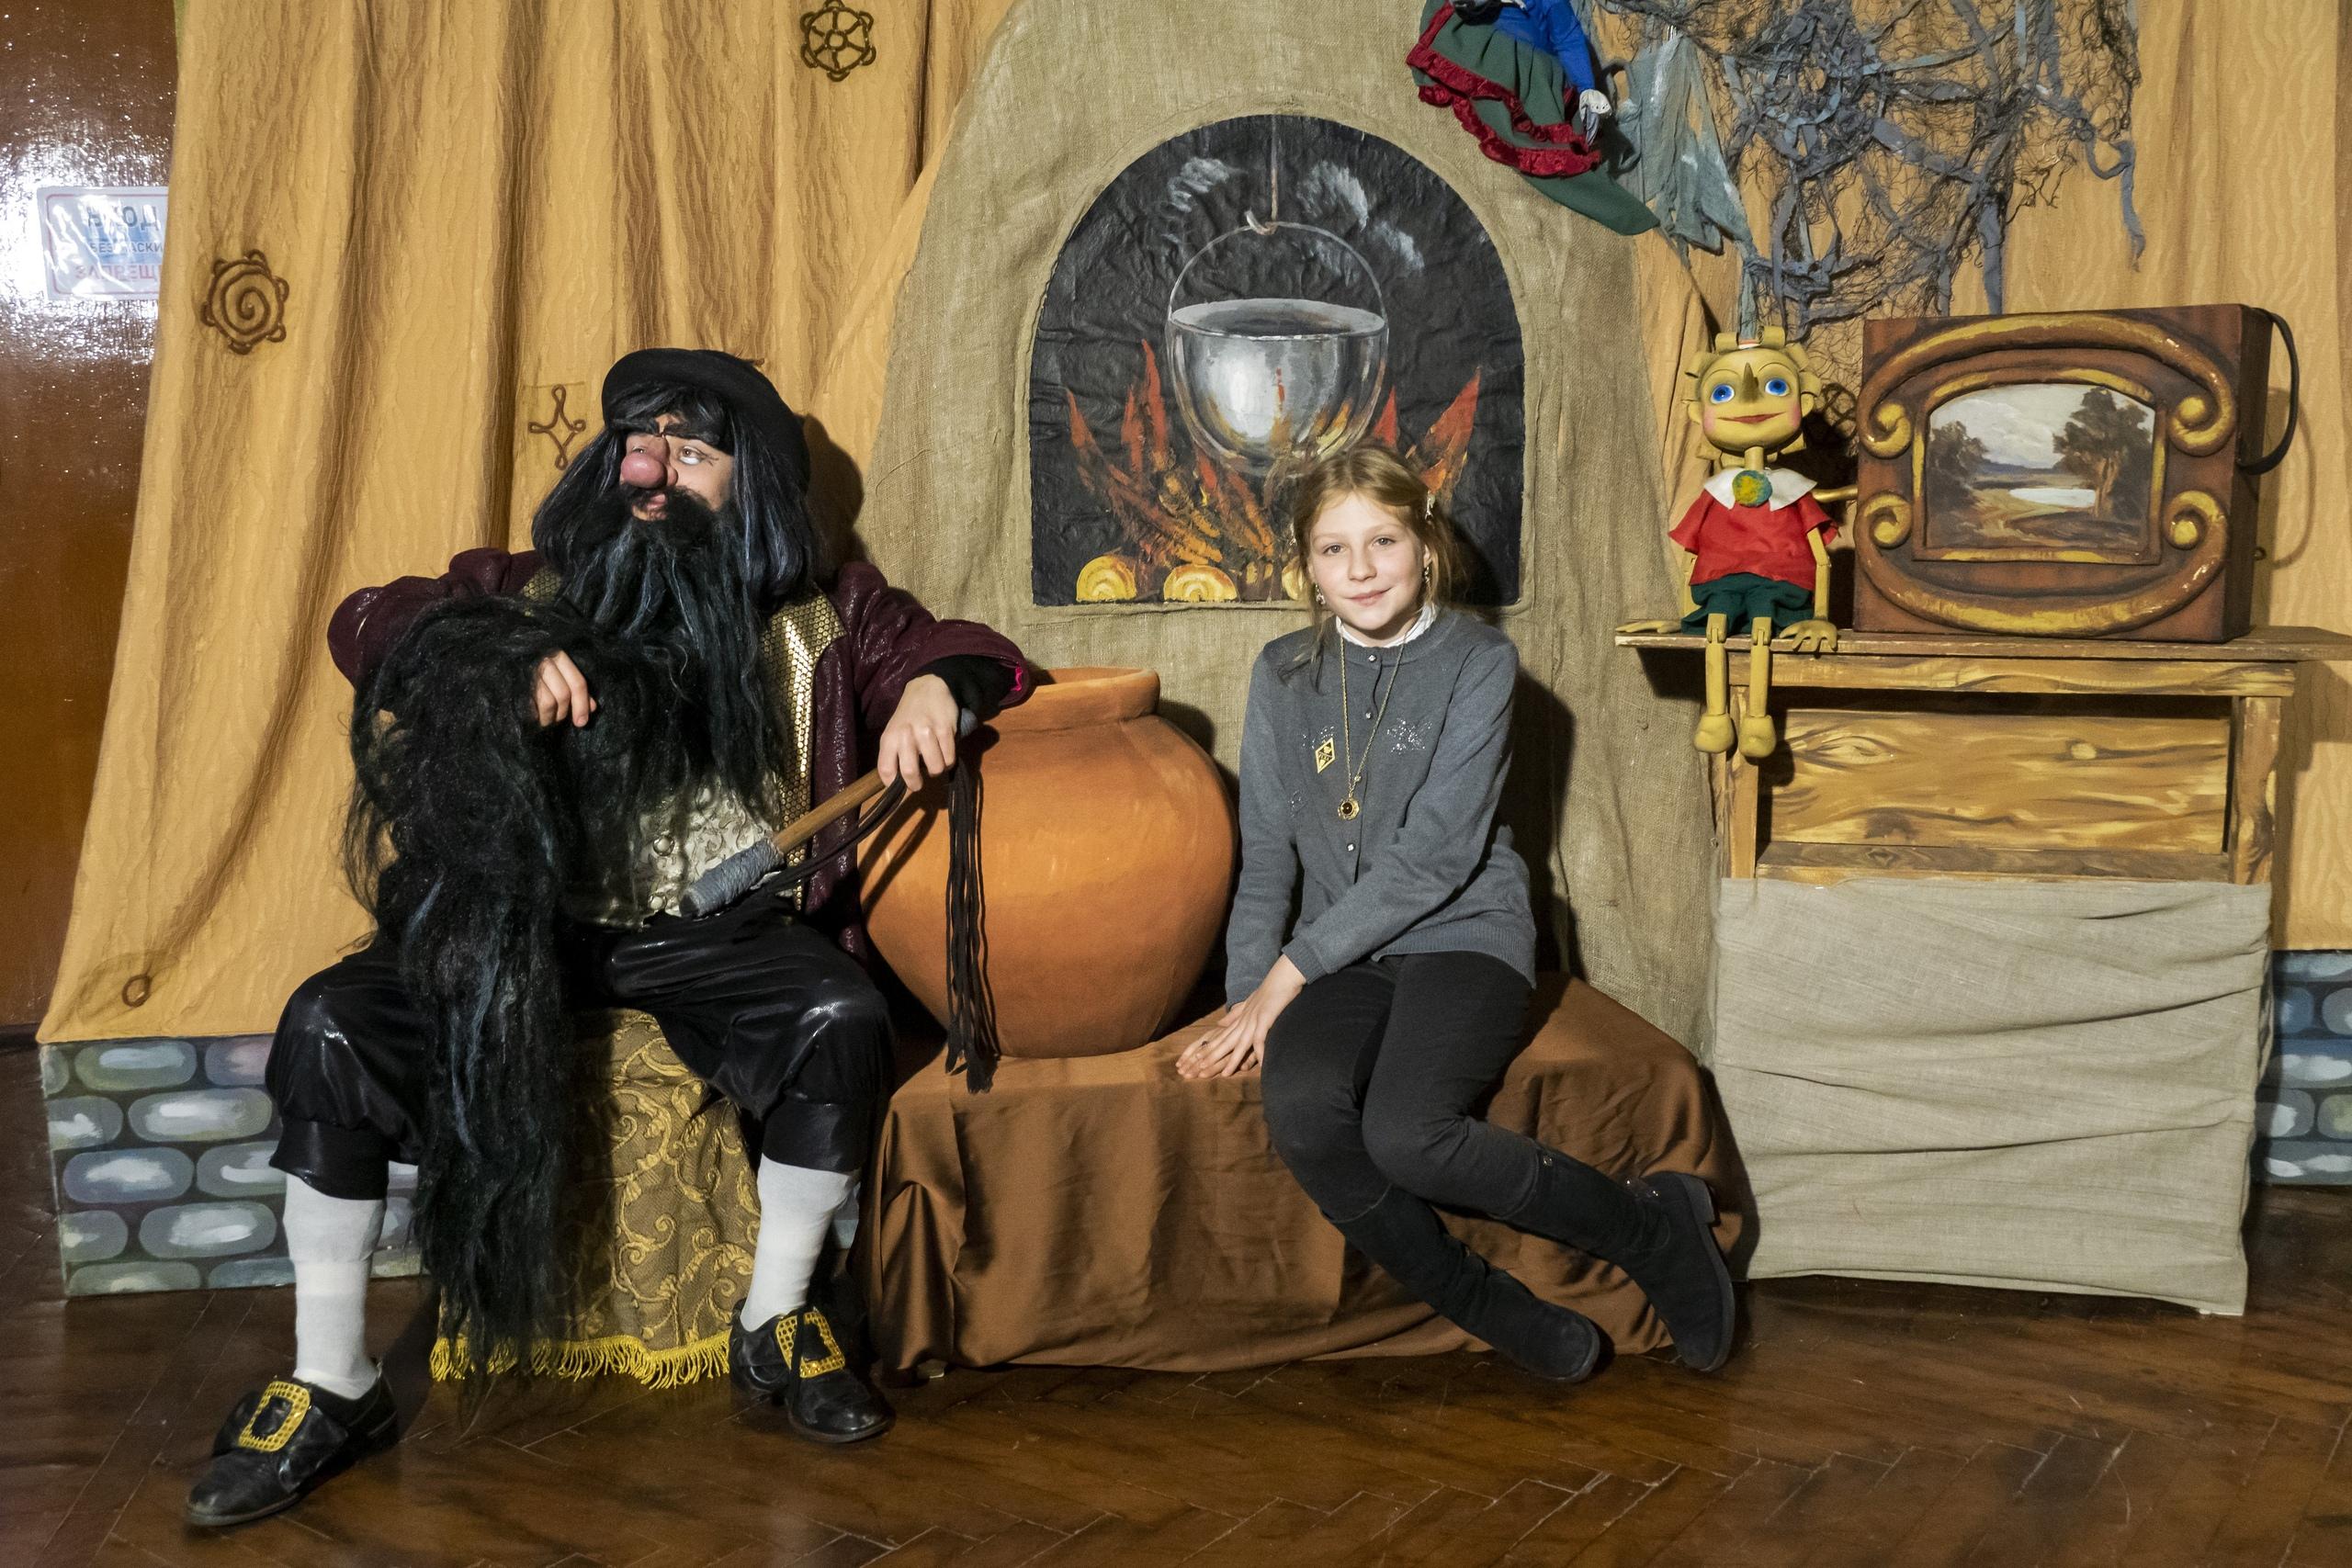 В Тверском театре кукол появились оригинальные новогодние фотозоны